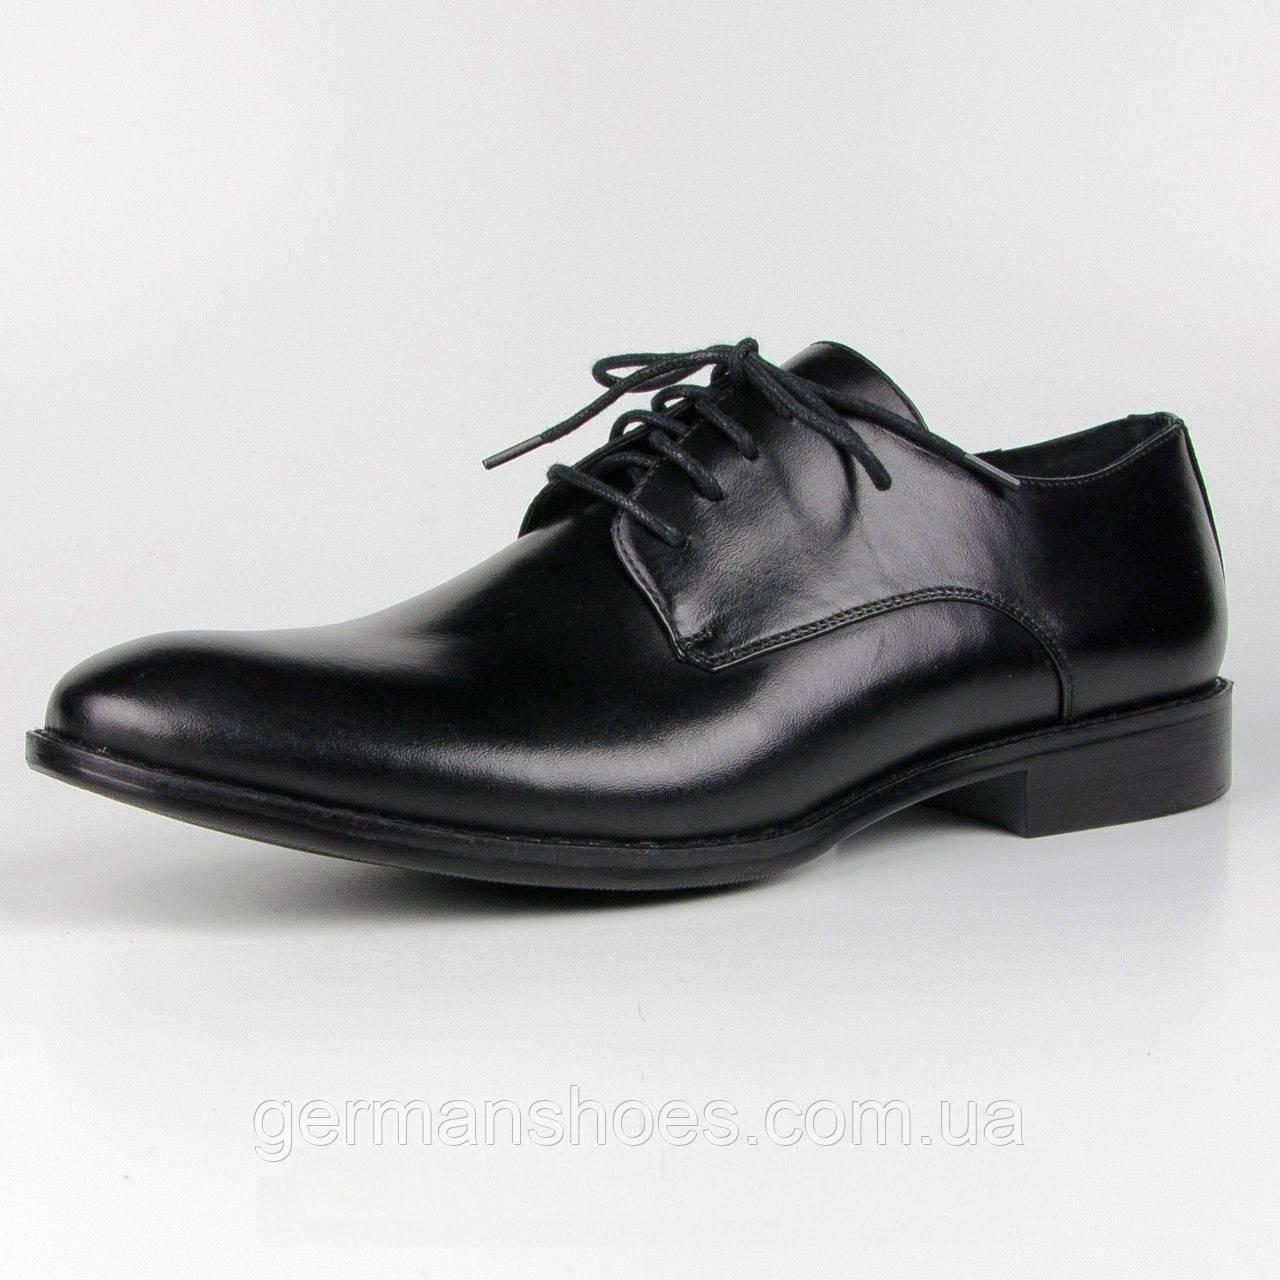 Туфли мужские Rieker B0020-00